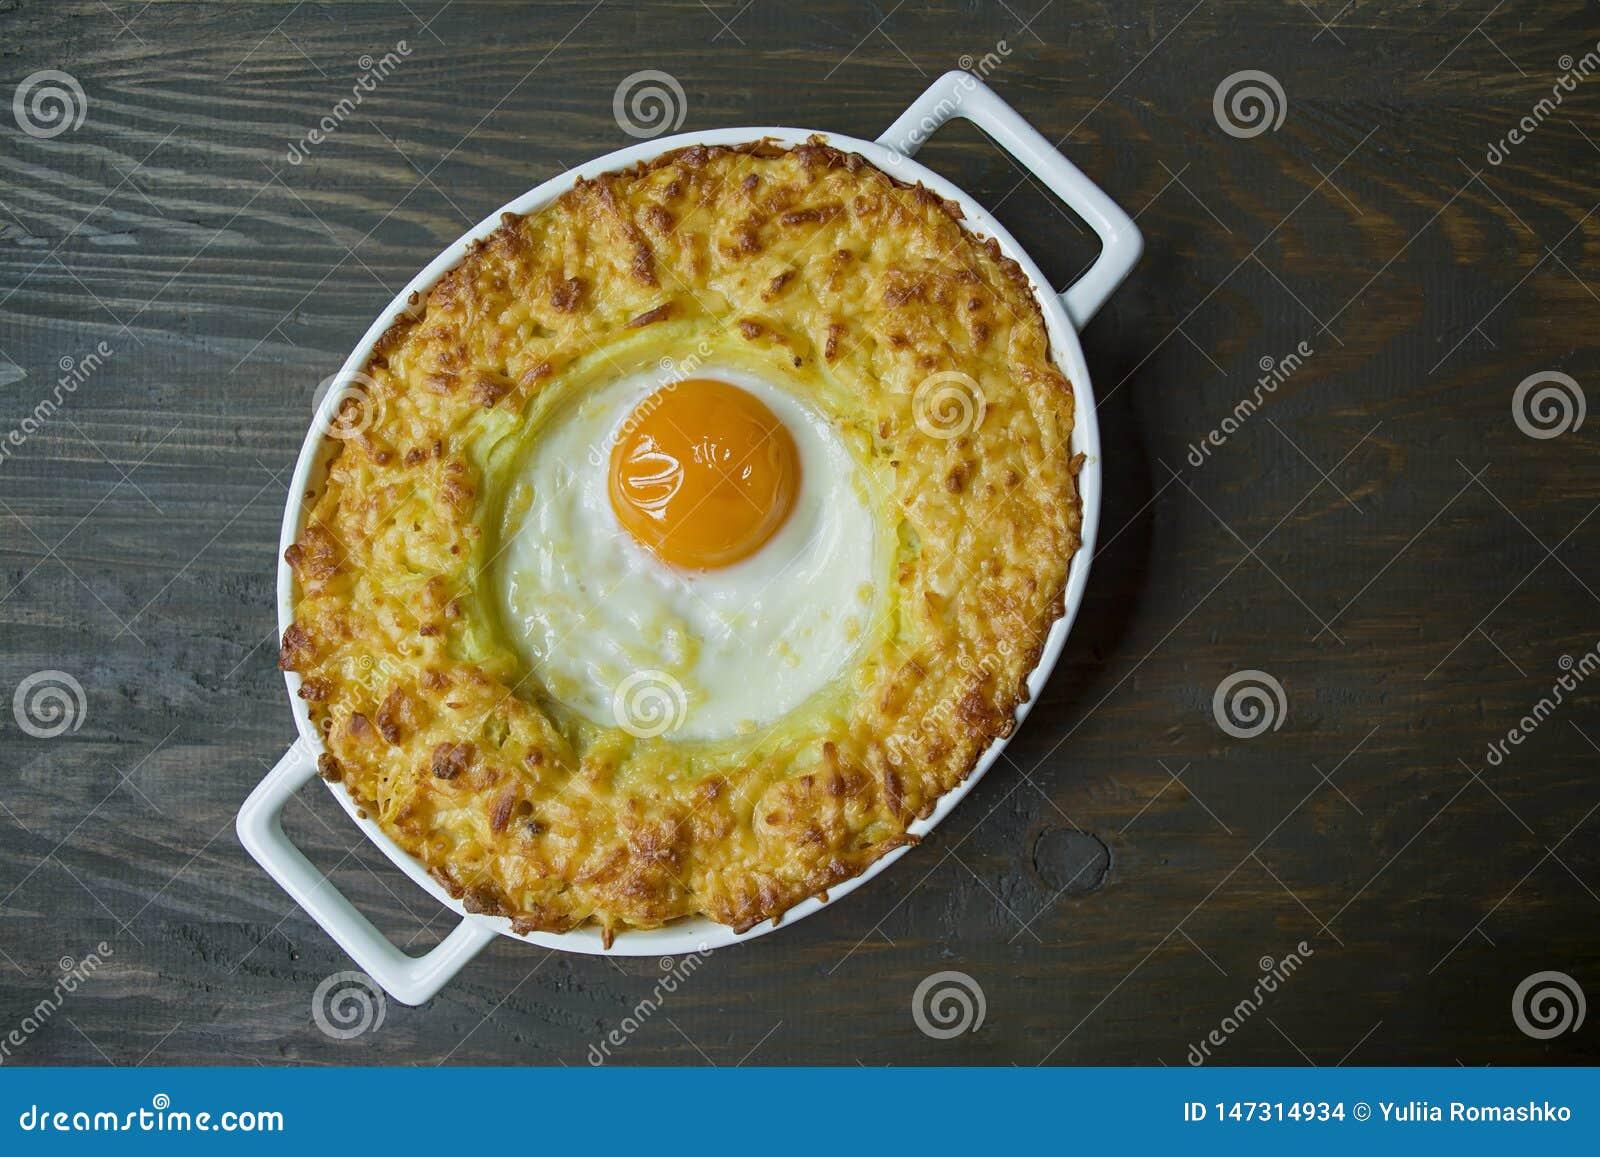 Kartoflana potrawka z Bolognese Piec kartoflana potrawka z jajkiem i kraciastym serem w ceramicznym owalnym wypiekowym prześciera